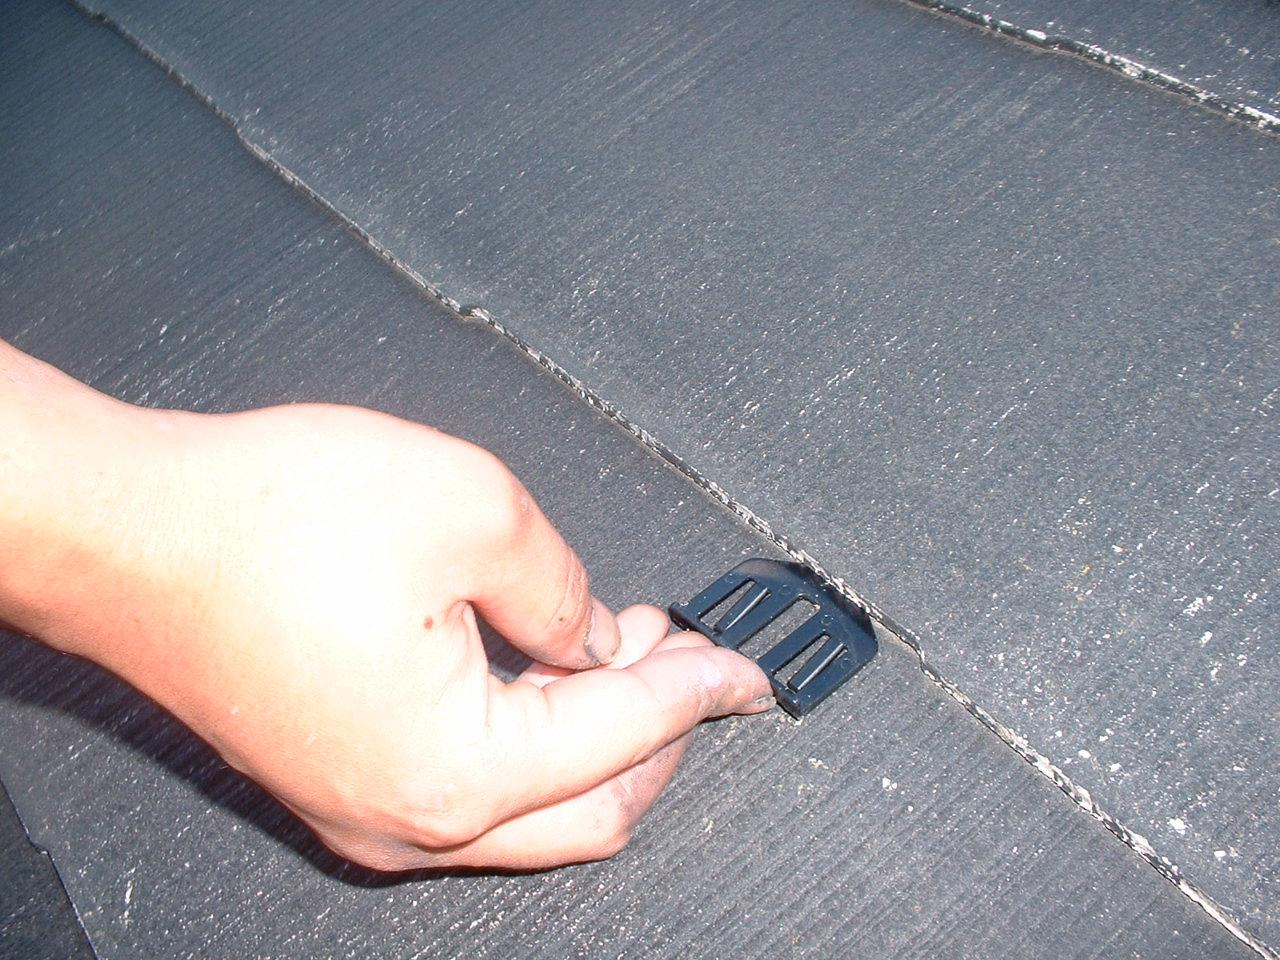 スレート塗装で必須のタスペーサーとは|役割・費用相場をプロが解説